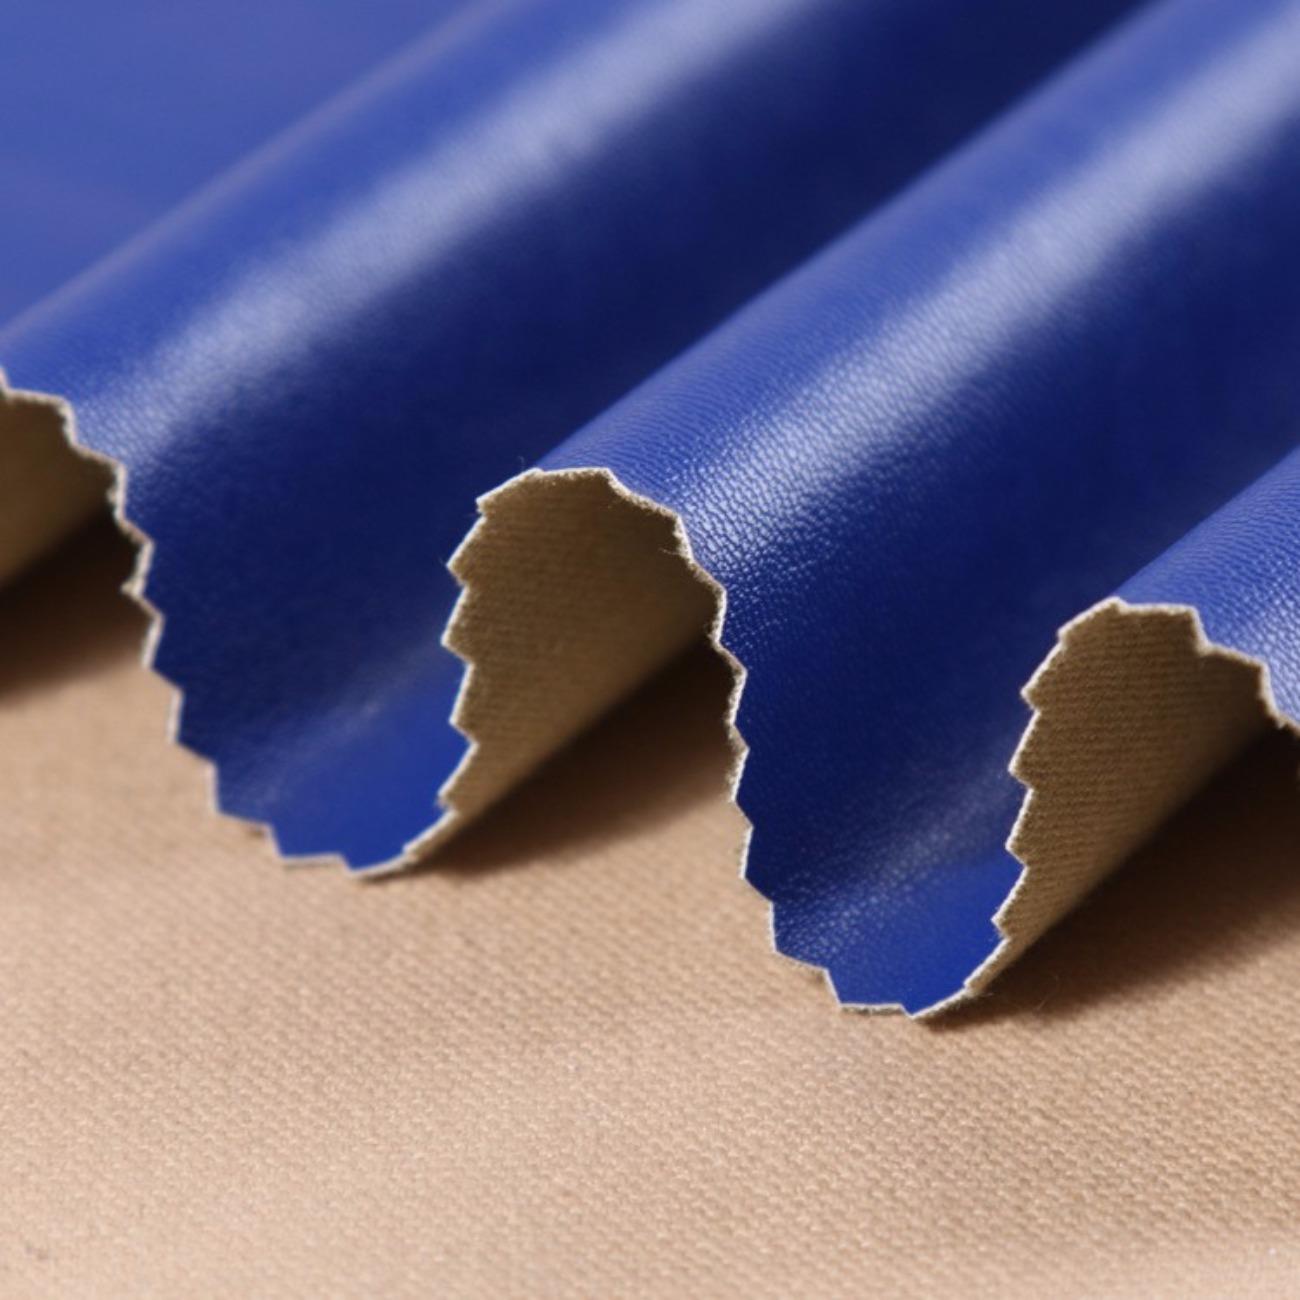 皮革 涂层 半哑光 素色 无弹 皮衣 风衣 皮裤 细腻  防水 60322-2